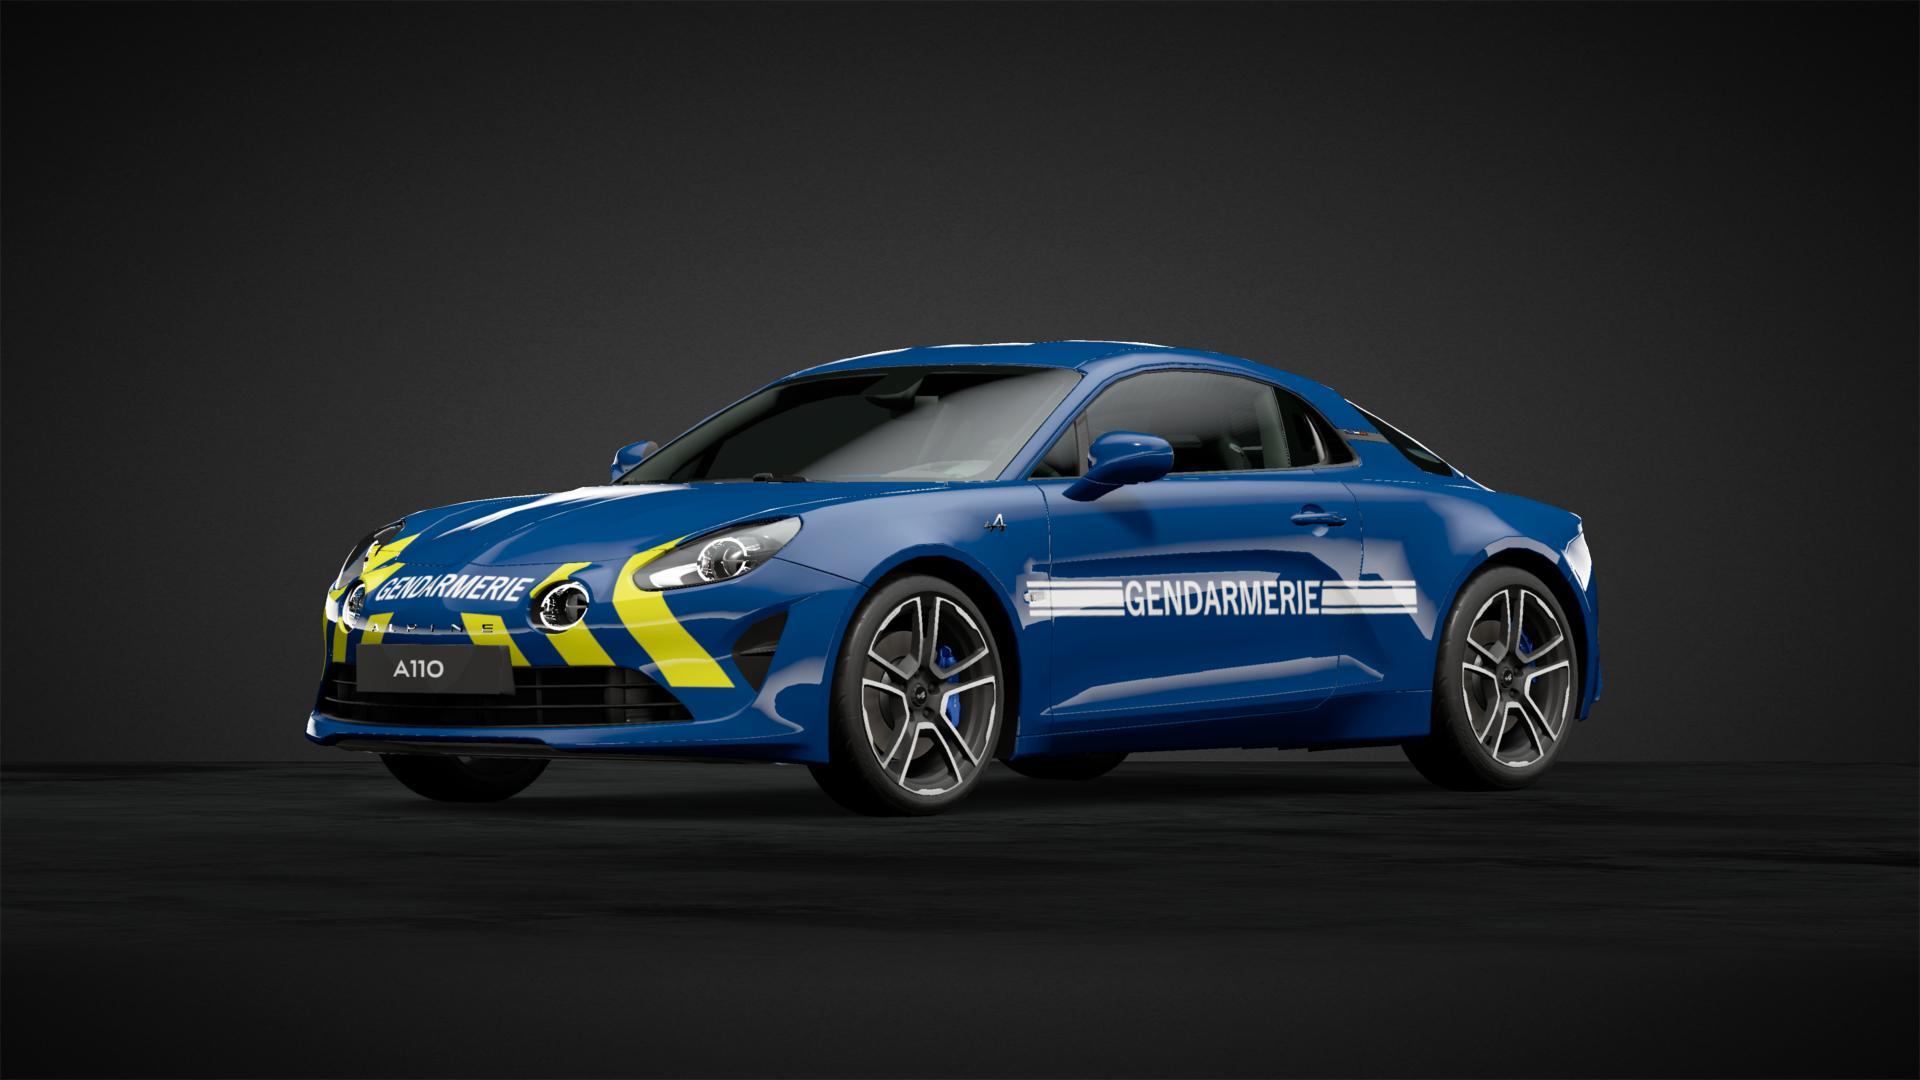 Alpine A110 Gendarmerie 2021